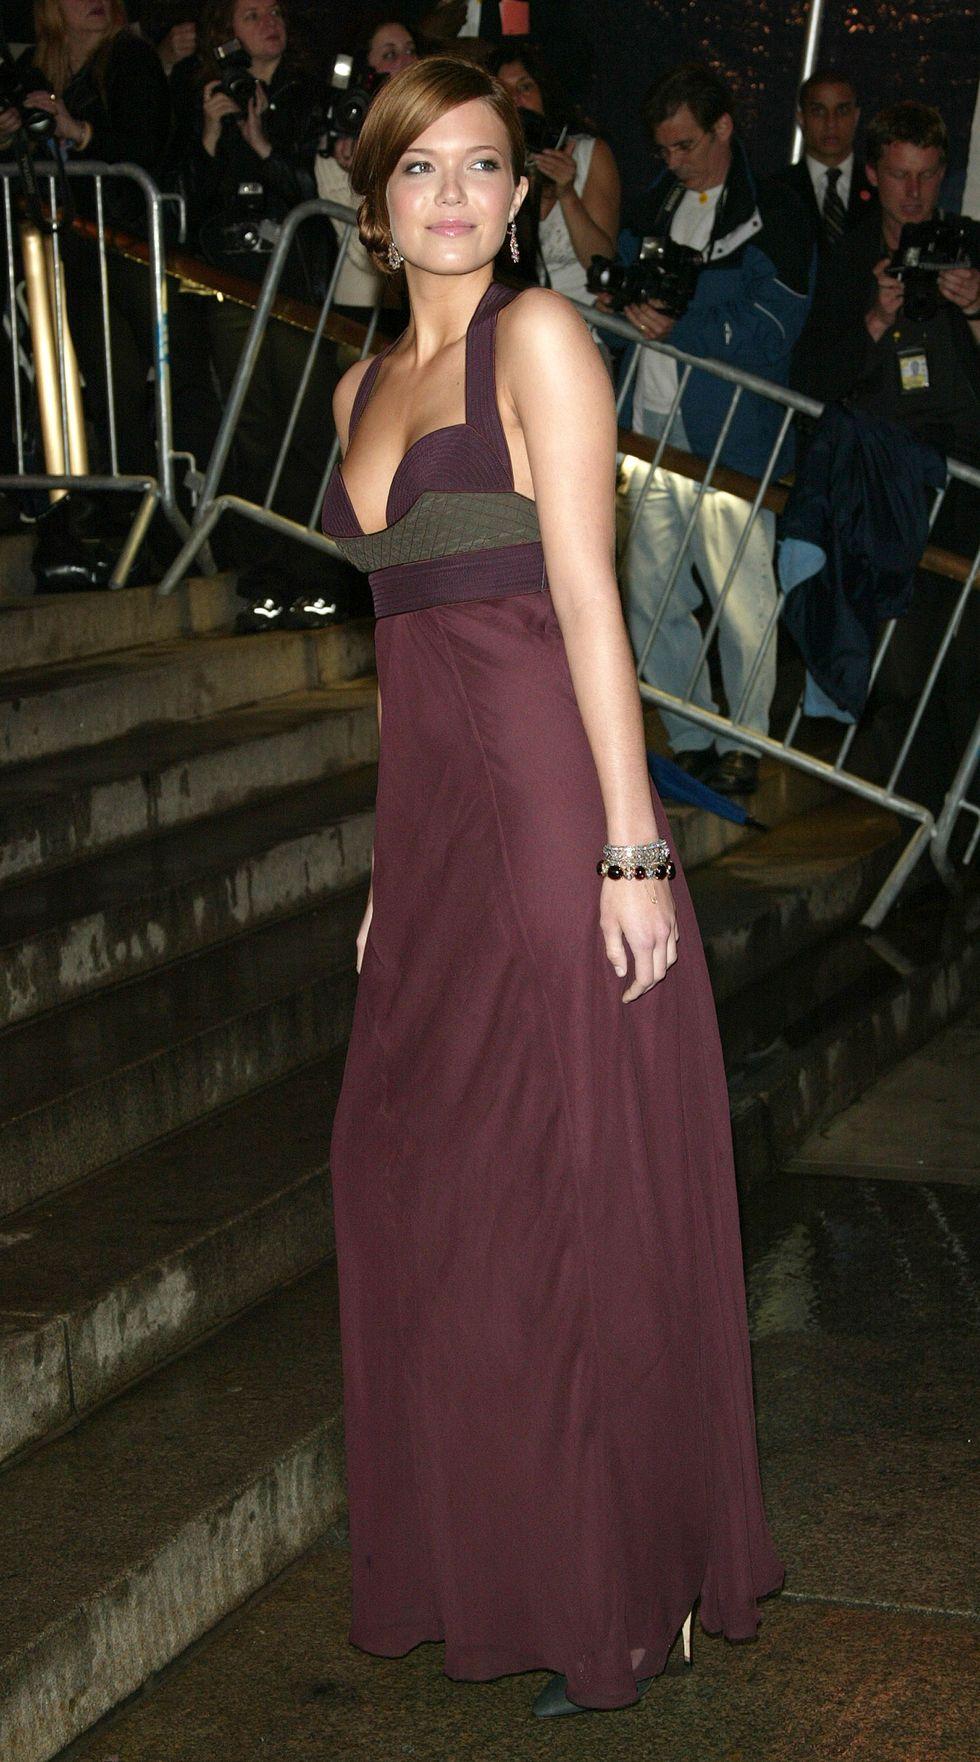 Mandy Moore - 2004